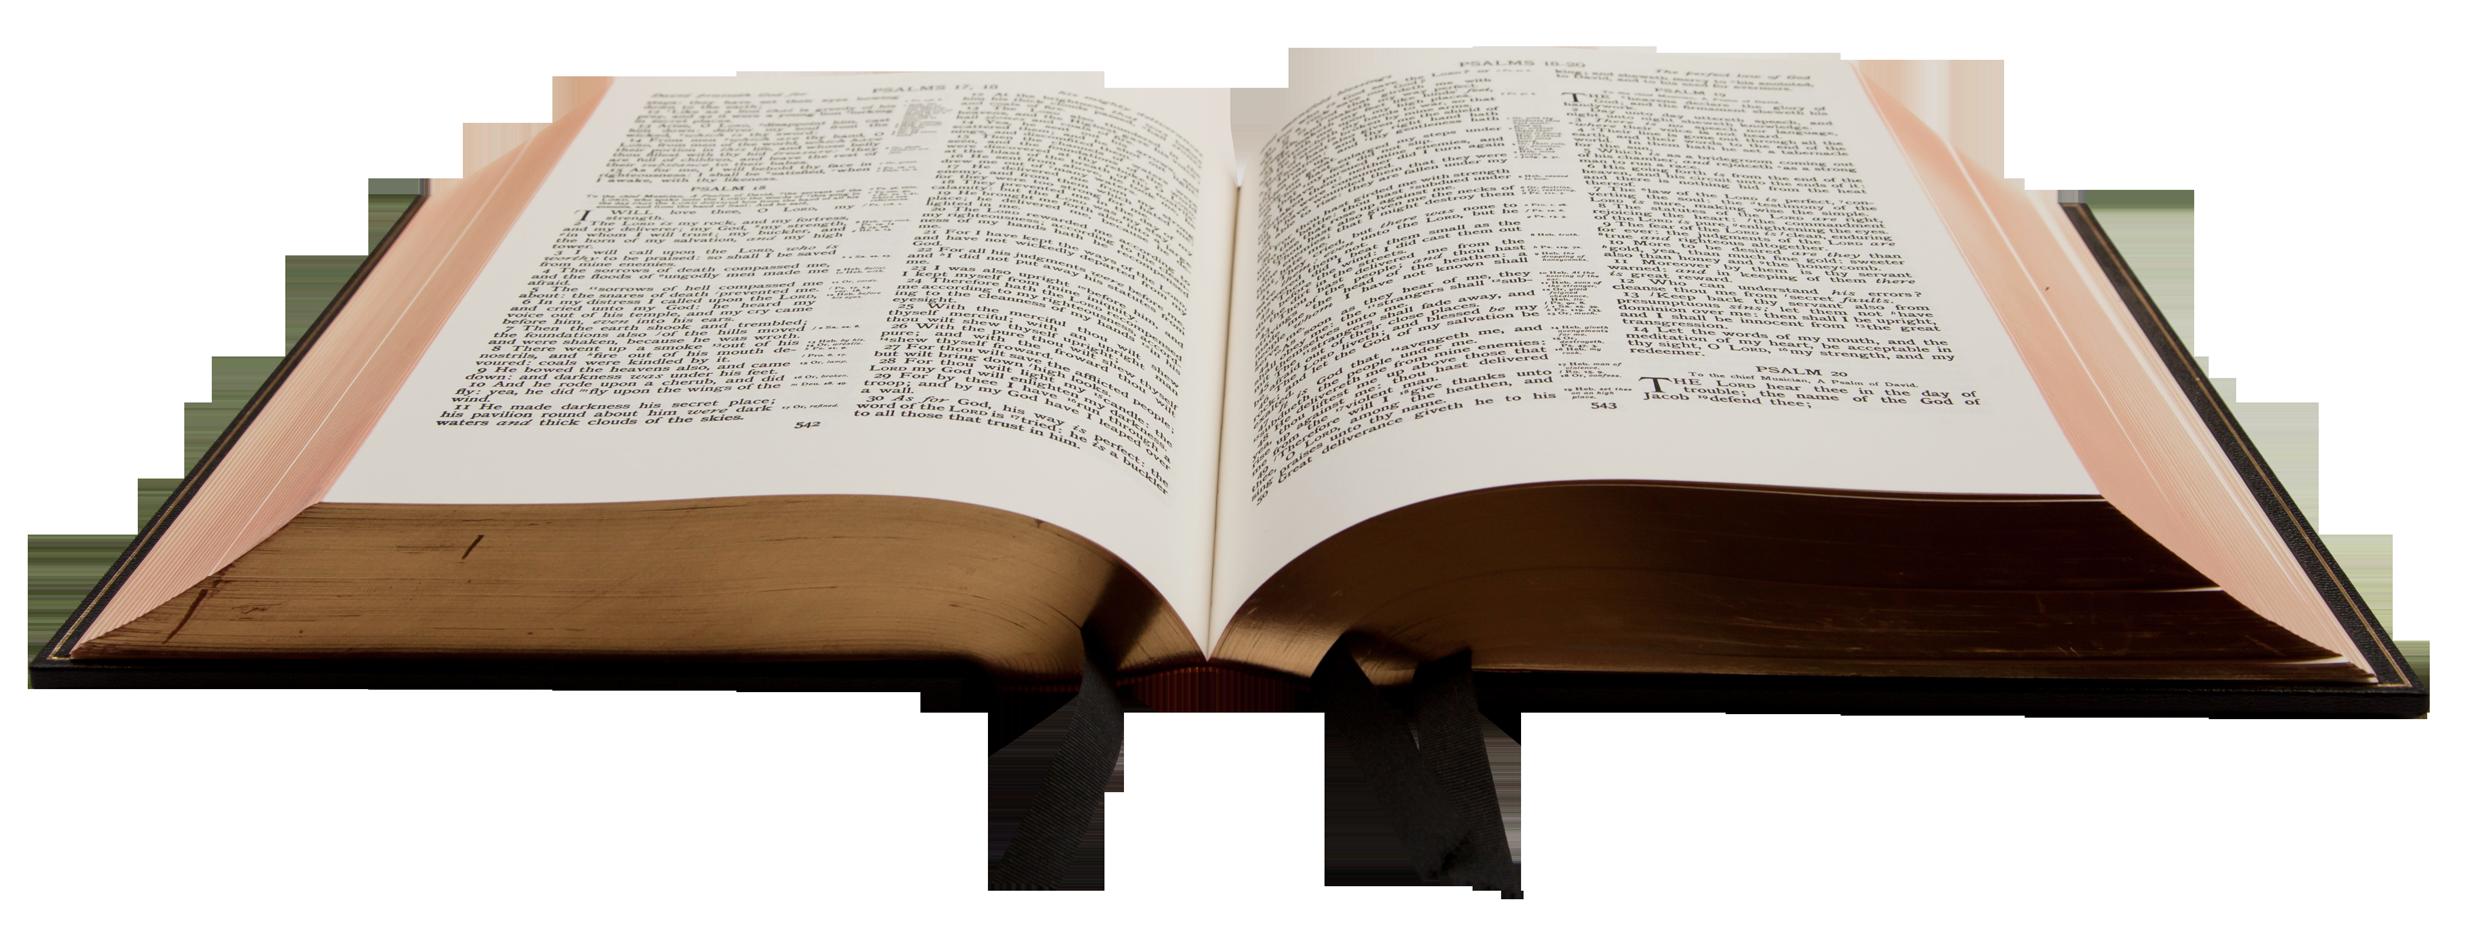 Bible Book PNG Transparent Bible Book.PNG Images. | PlusPNG